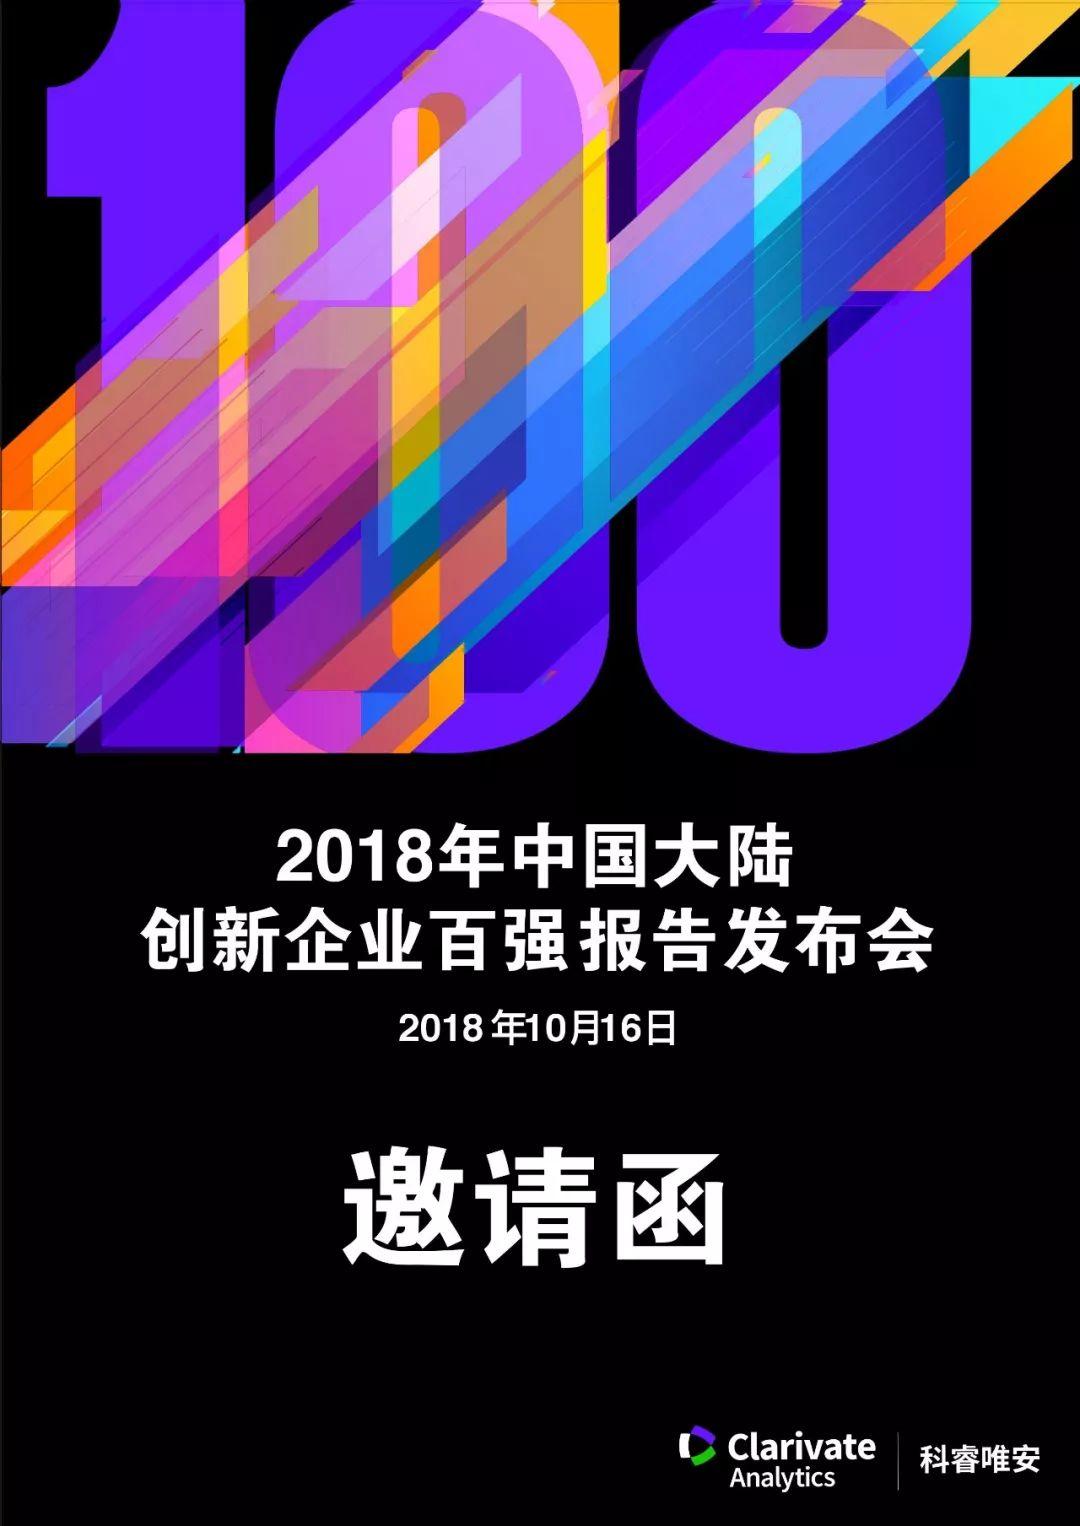 【免费参会】科睿唯安《2018年中国大陆创新企业百强》报告发布会